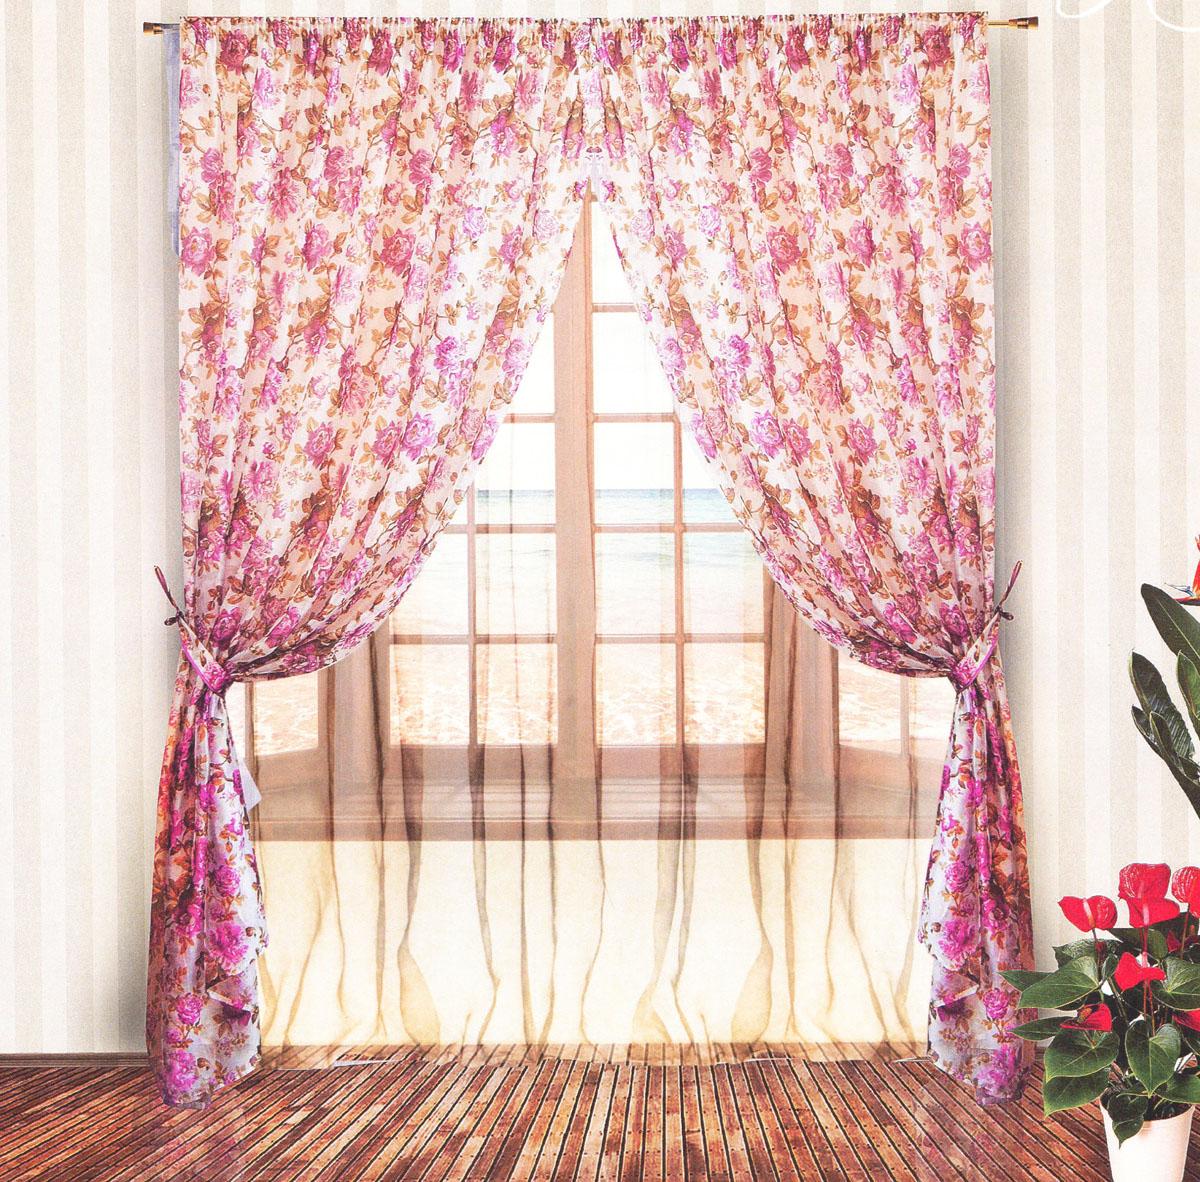 Комплект штор Zlata Korunka, на ленте, цвет: сиреневый, белый, высота 250 см. 5553555535Роскошный комплект тюлевых штор Zlata Korunka, выполненный из органзы и микровуали (100% полиэстера), великолепно украсит любое окно. Комплект состоит из двух штор, тюля и двух подхватов. Полупрозрачная ткань, цветочный принт и приятная, приглушенная гамма привлекут к себе внимание и органично впишутся в интерьер помещения. Комплект крепится на карниз при помощи шторной ленты, которая поможет красиво и равномерно задрапировать верх. Шторы можно зафиксировать в одном положении с помощью двух подхватов. Этот комплект будет долгое время радовать вас и вашу семью! В комплект входит: Штора: 2 шт. Размер (ШхВ): 200 см х 250 см. Тюль: 1 шт. Размер (ШхВ): 400 см х 250 см. Подхват: 2 шт. Размер (ШхВ): 60 см х 10 см.